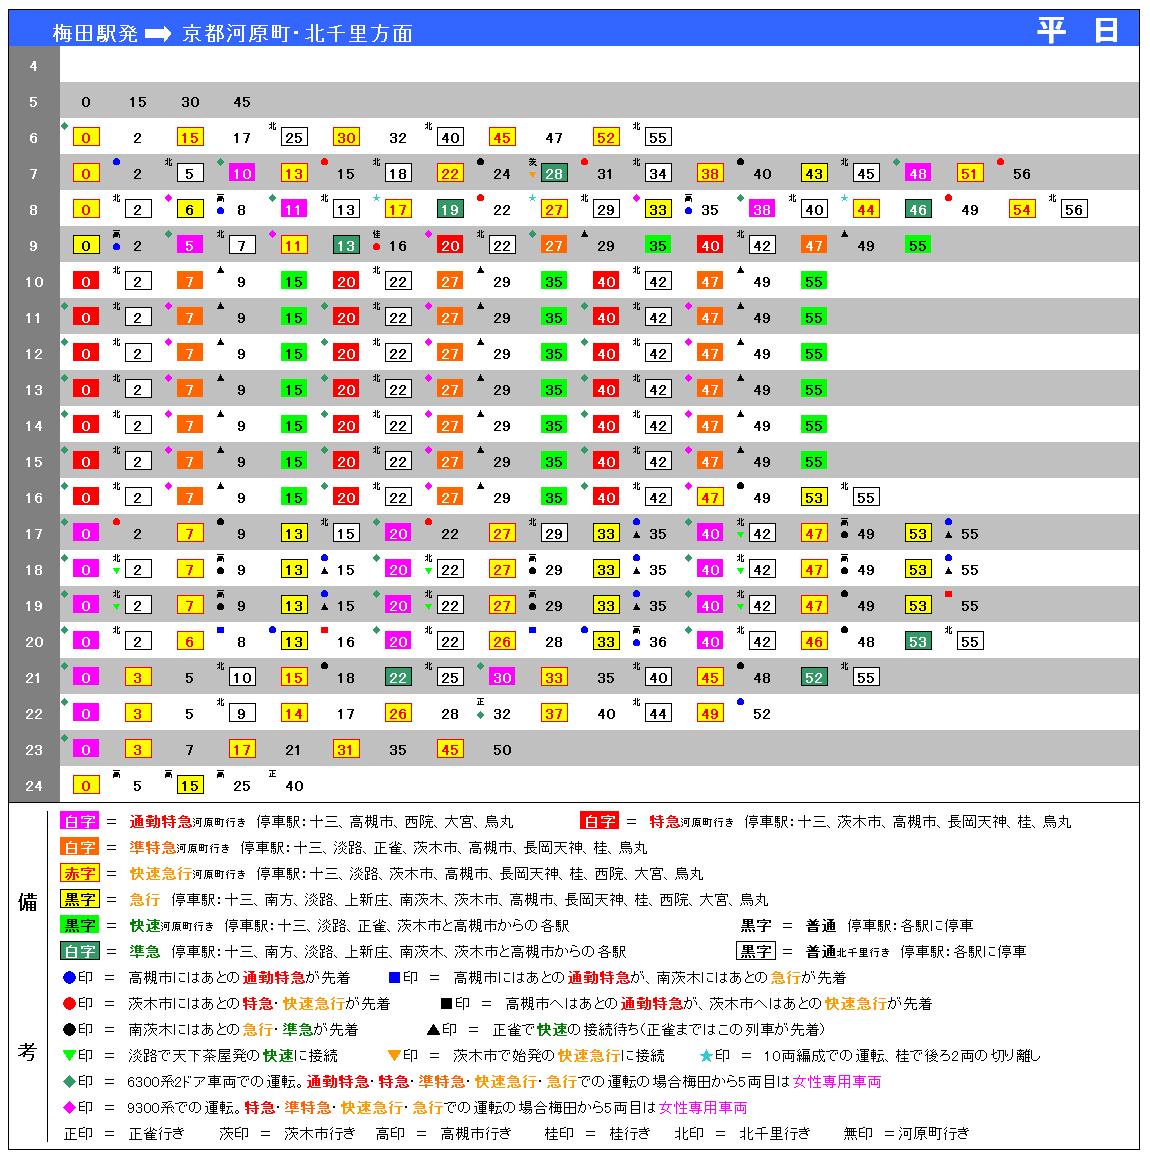 阪急京都線ダイヤ案 special ~朝ラッシュ時ダイヤ案~ - 京阪神 ...